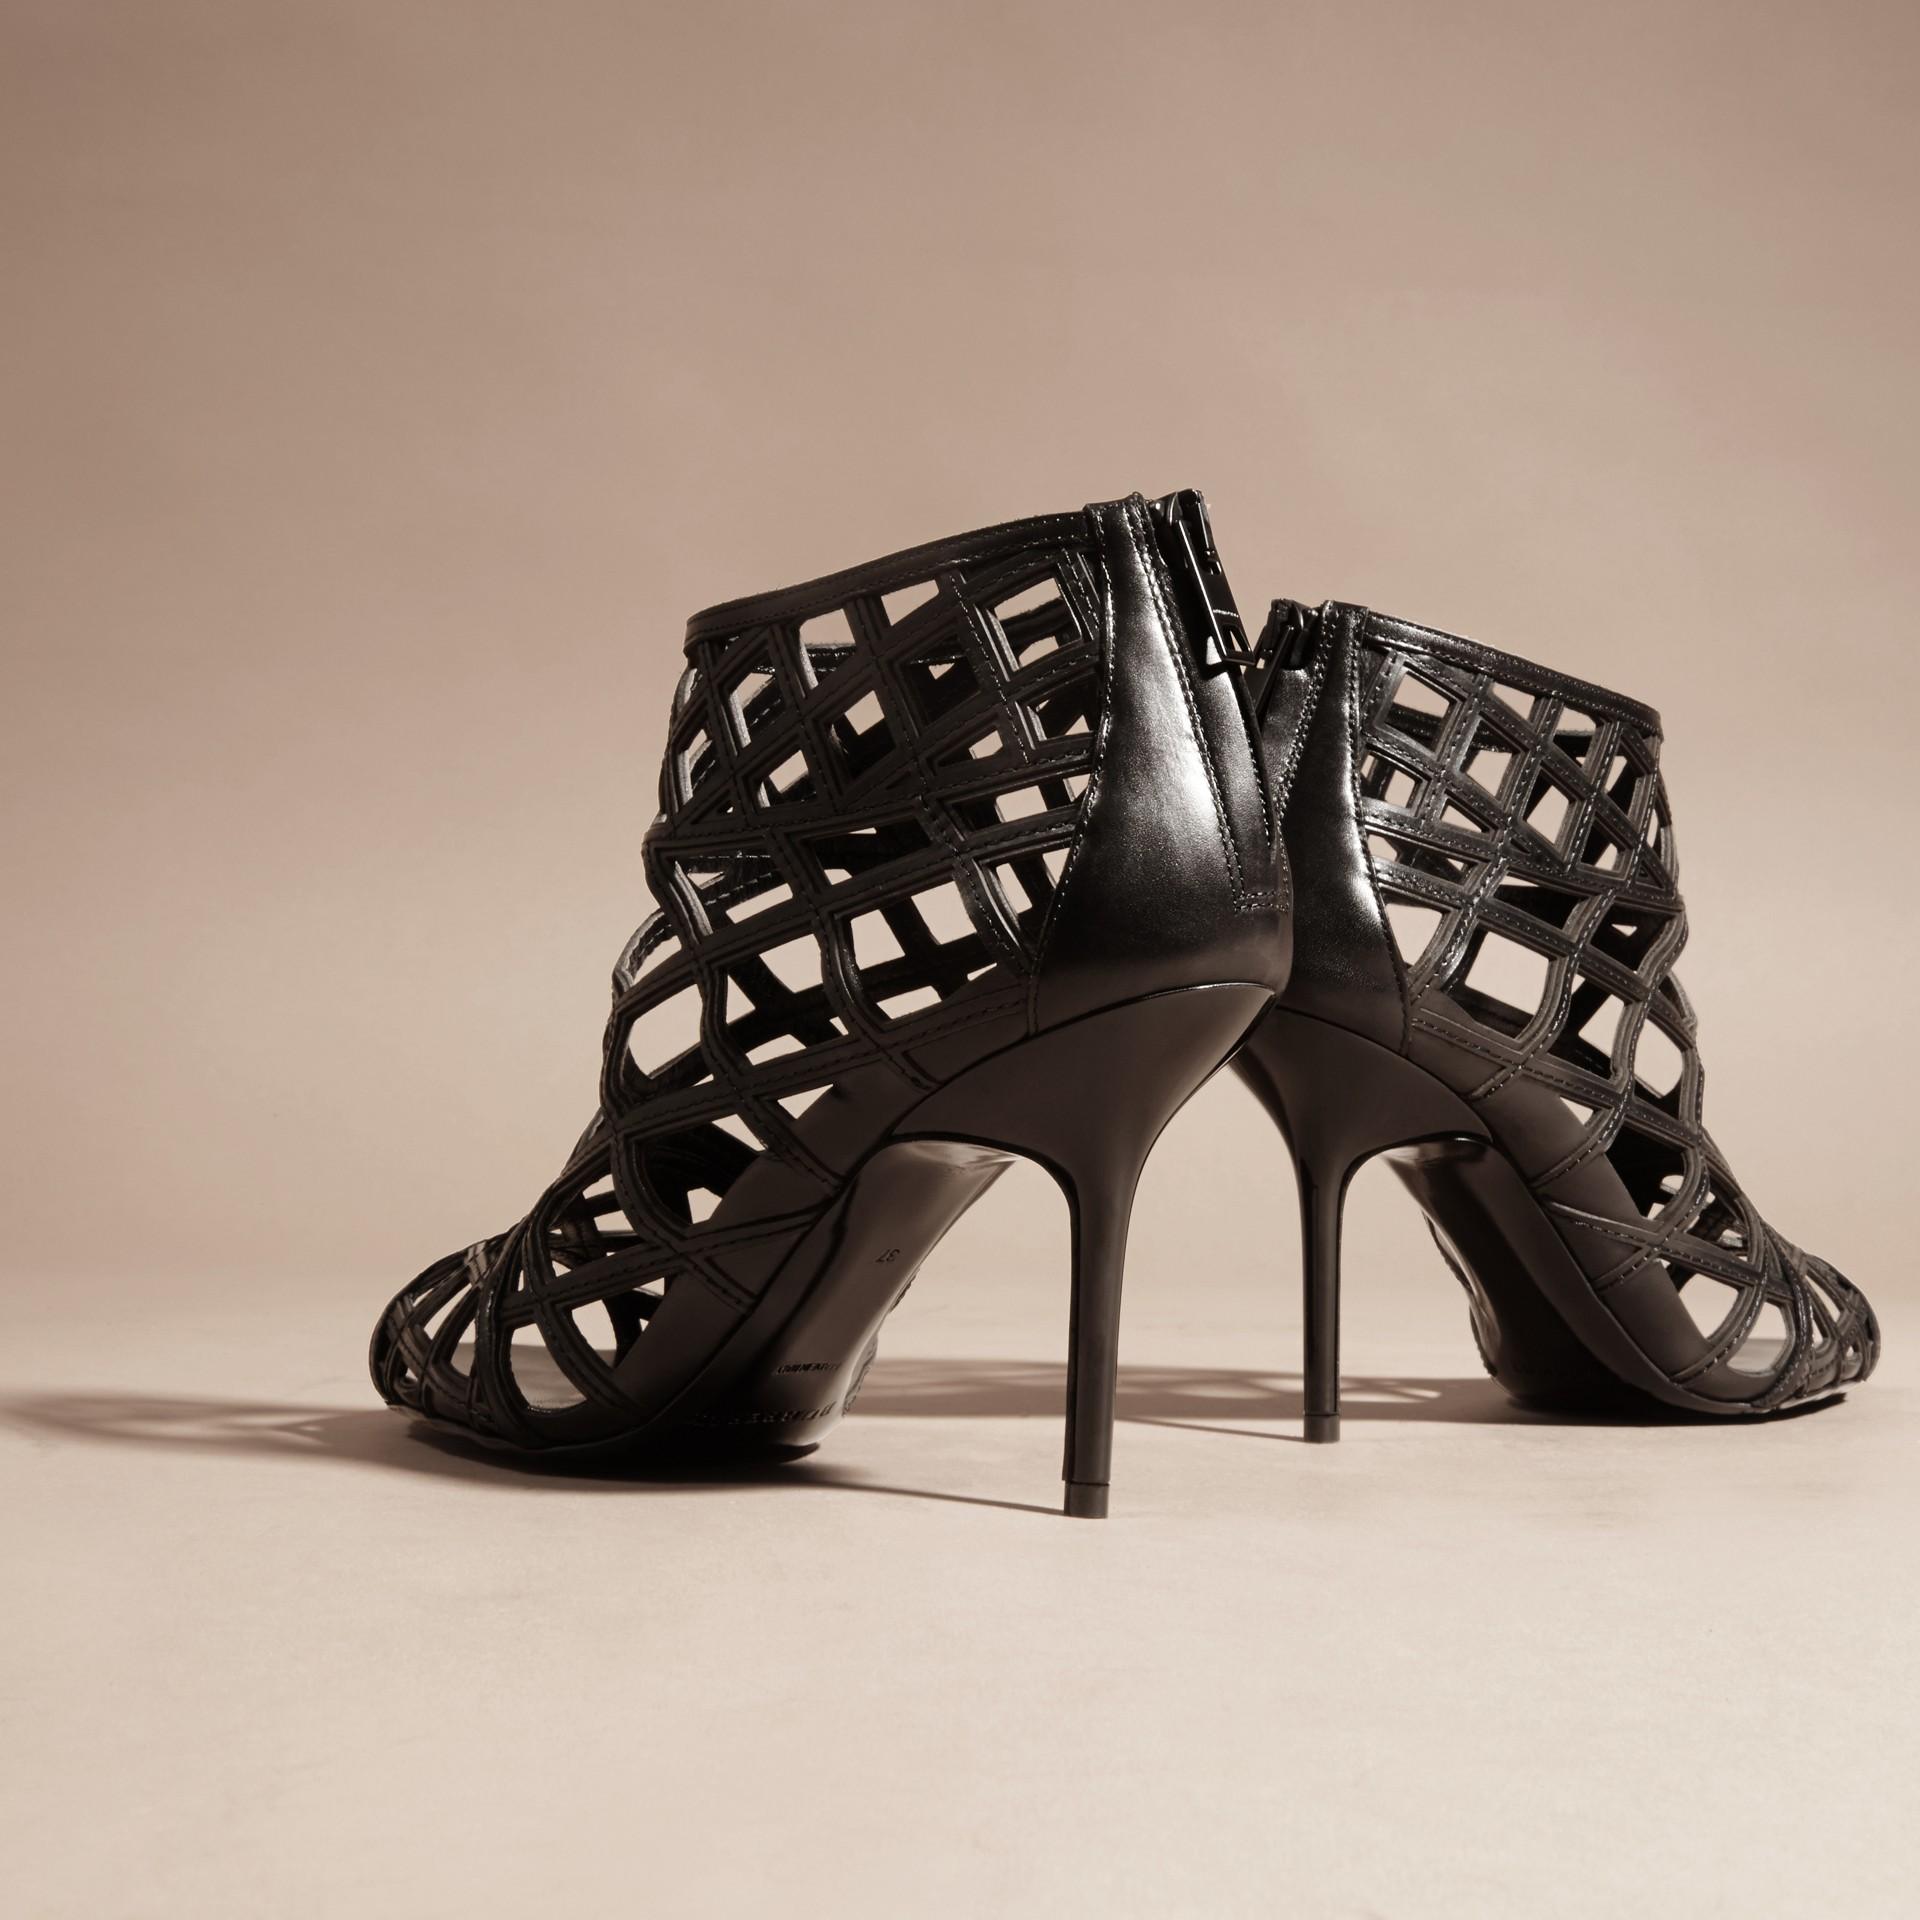 Noir Bottines en cuir avec découpes Noir - photo de la galerie 4